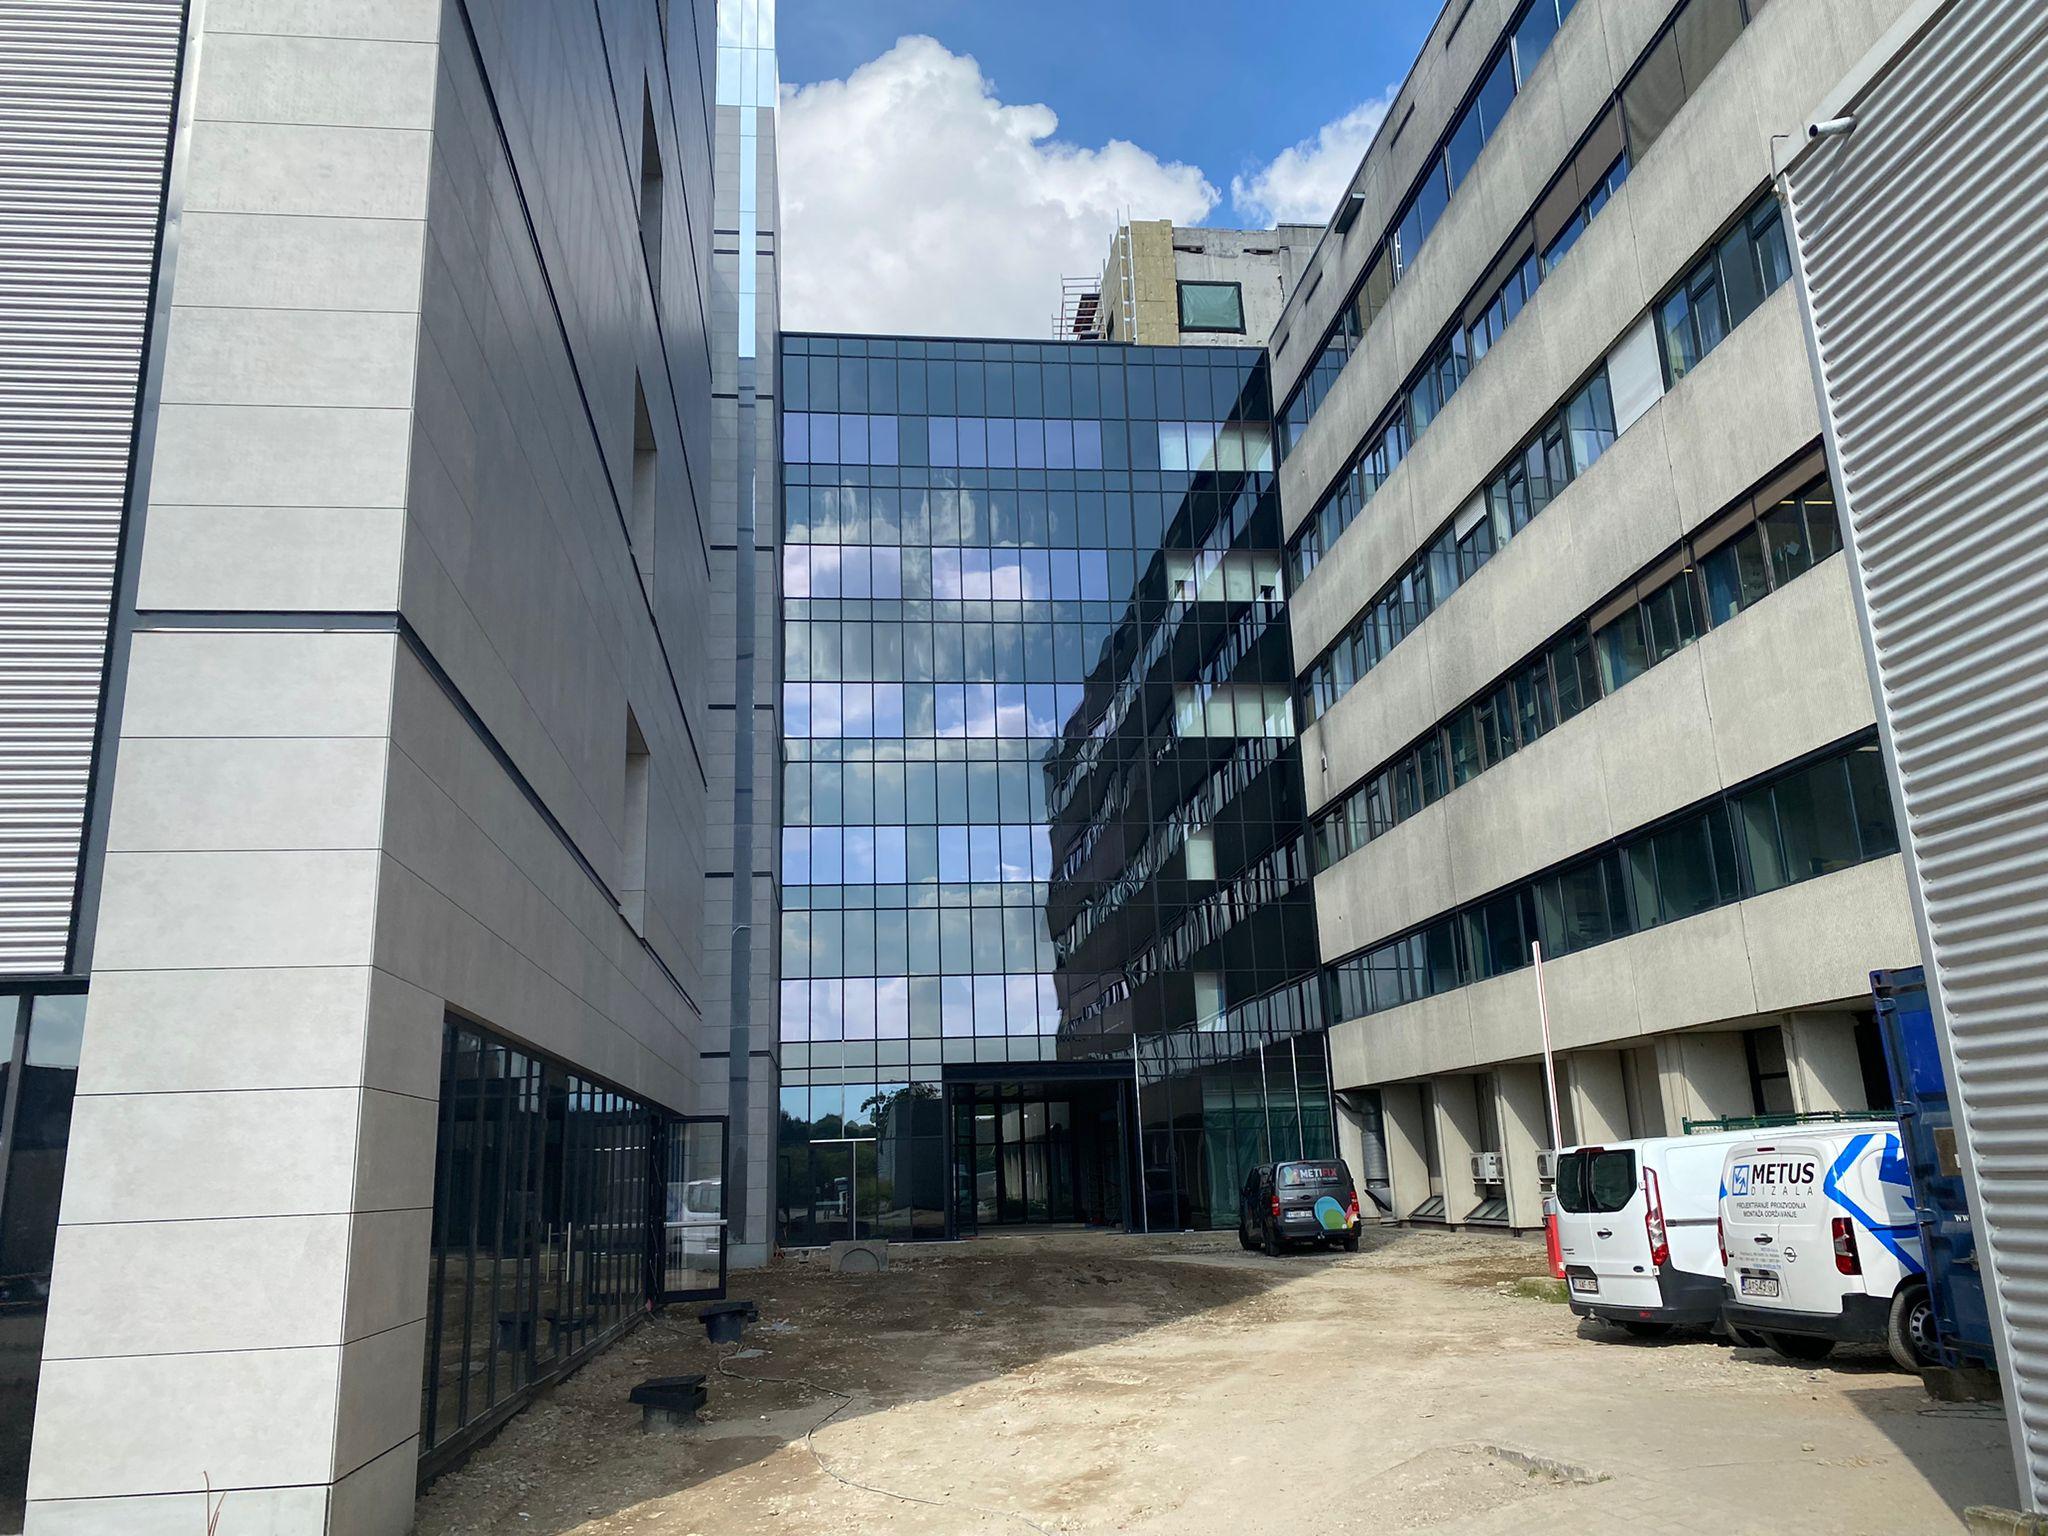 Blowerdoortest ziekenhuisgebouw UZ Antwerpen